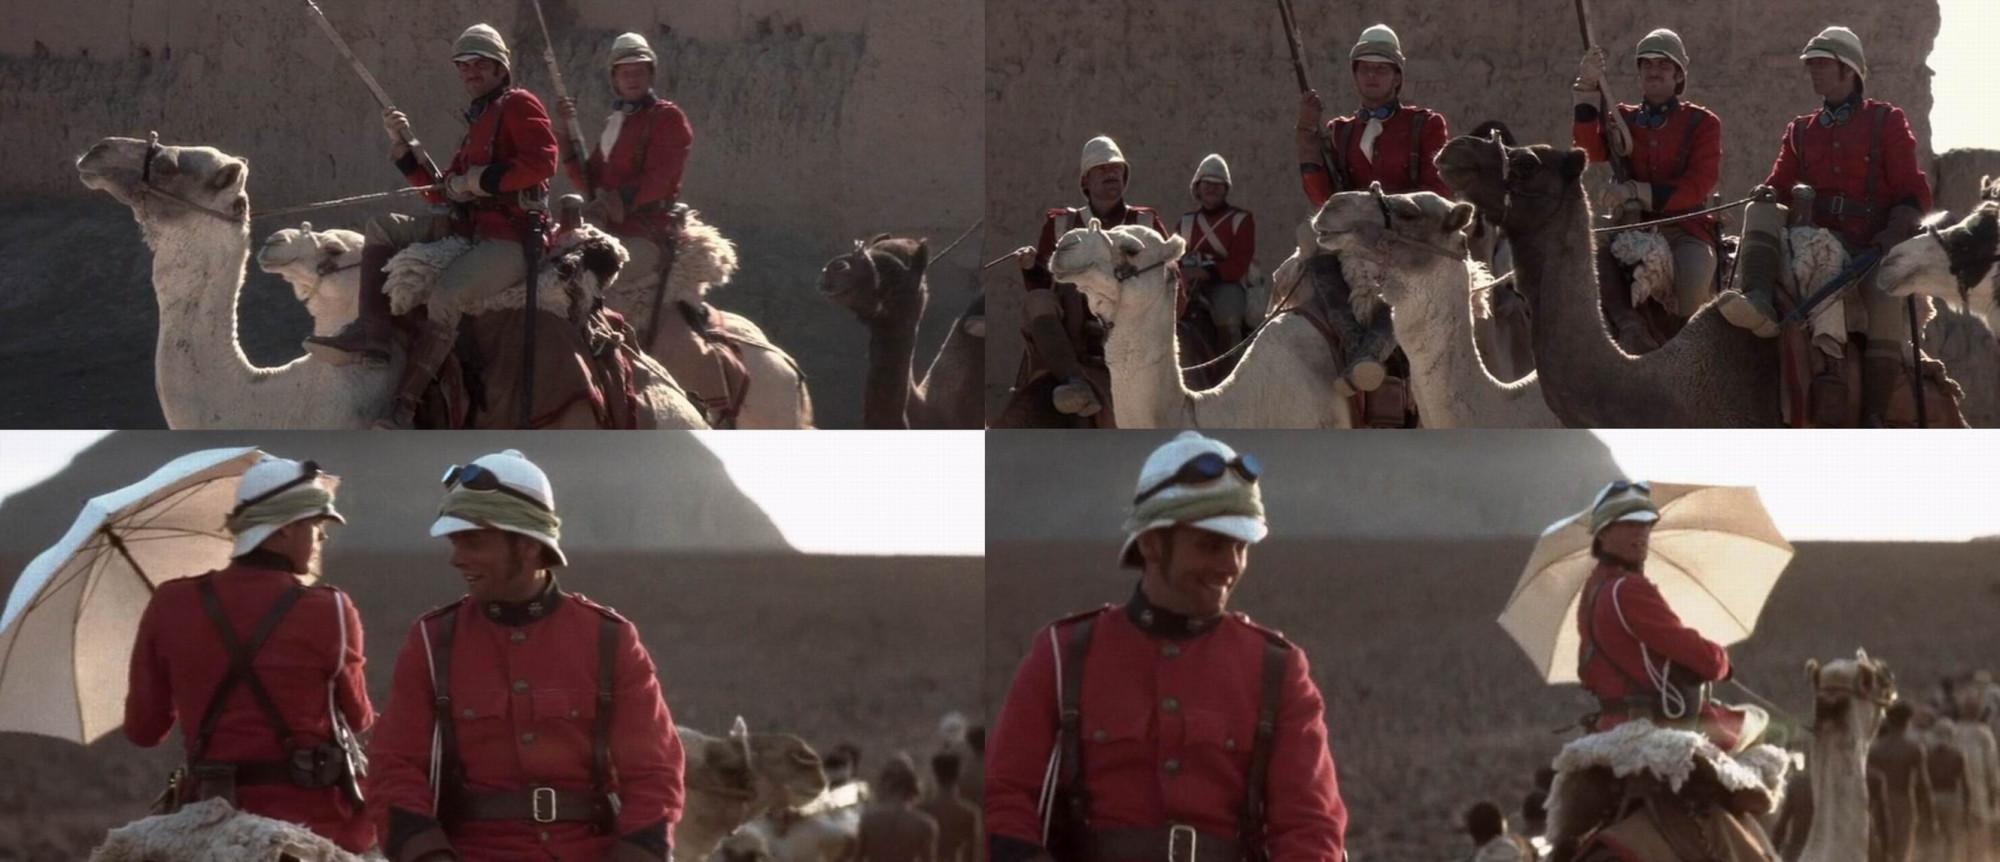 Создатели фильма явно читали и про тысячу белых зонтиков, затребованных Уолсли для защиты Верблюжьего корпуса от жары...